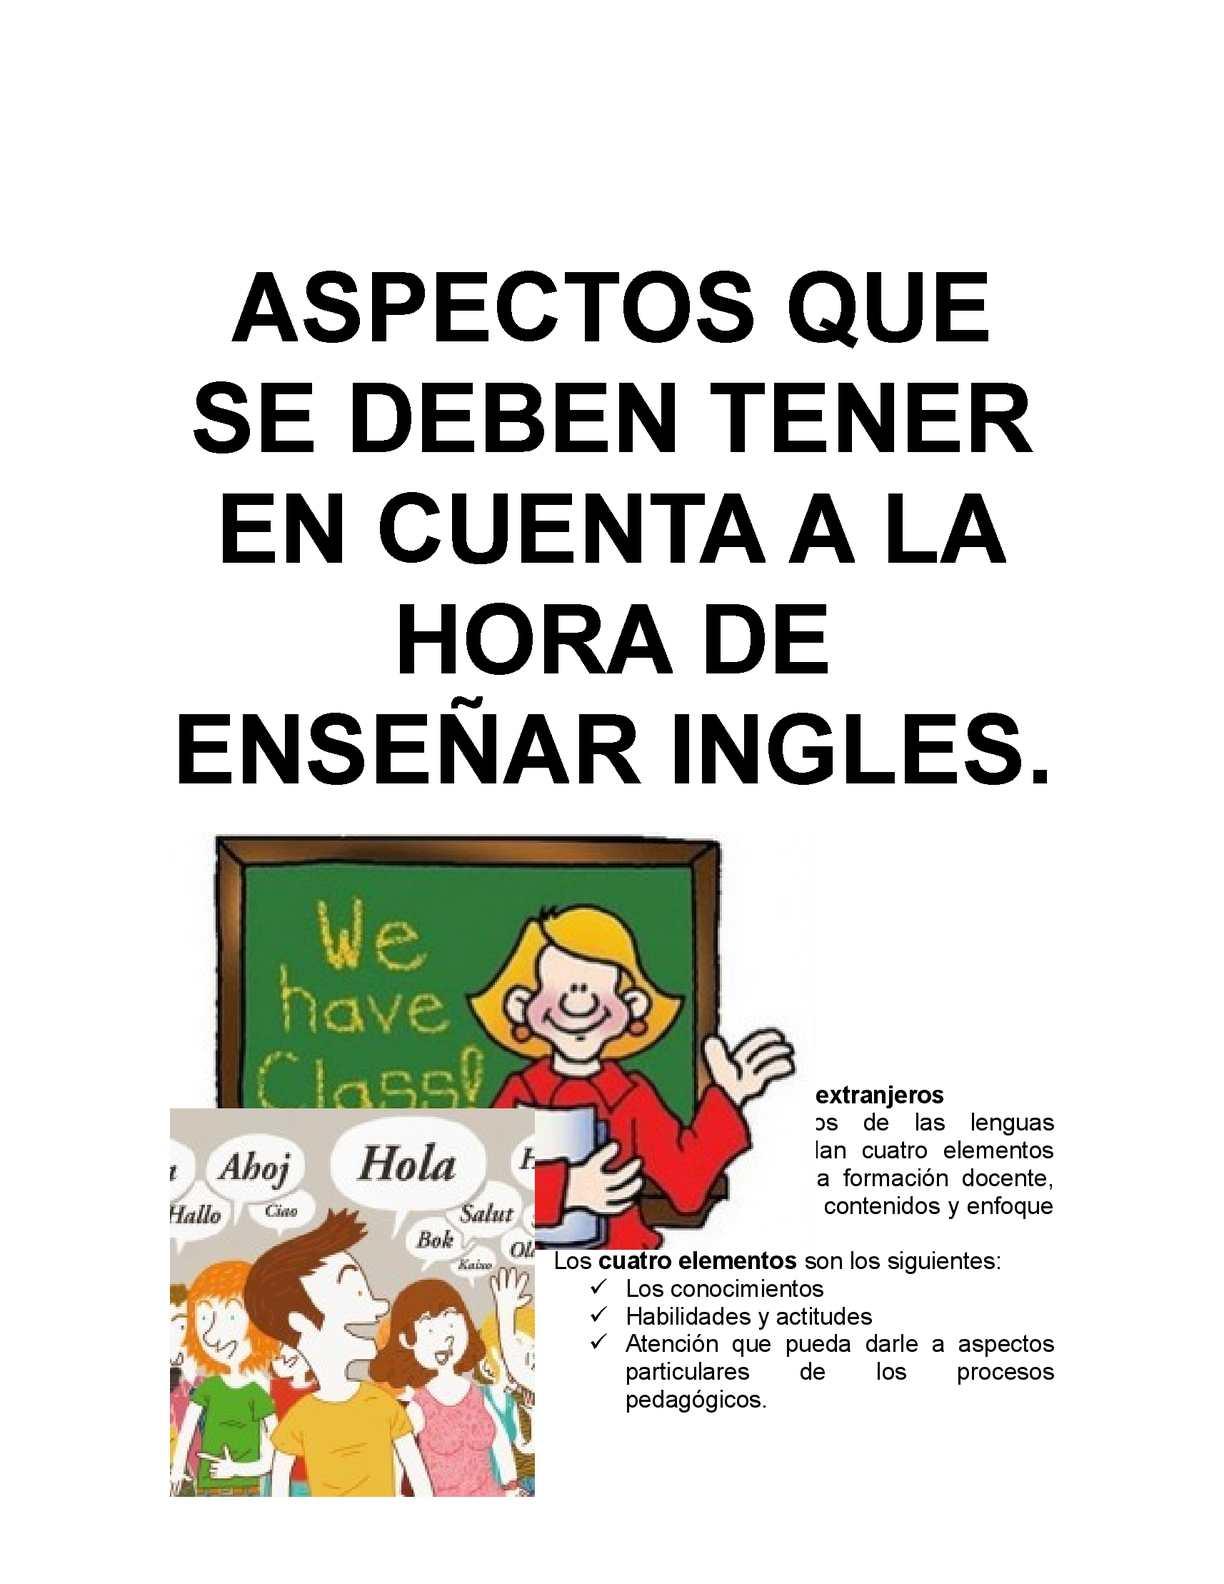 Calaméo - Aspectos a tener en cuenta a la hora de enseñar ingles.